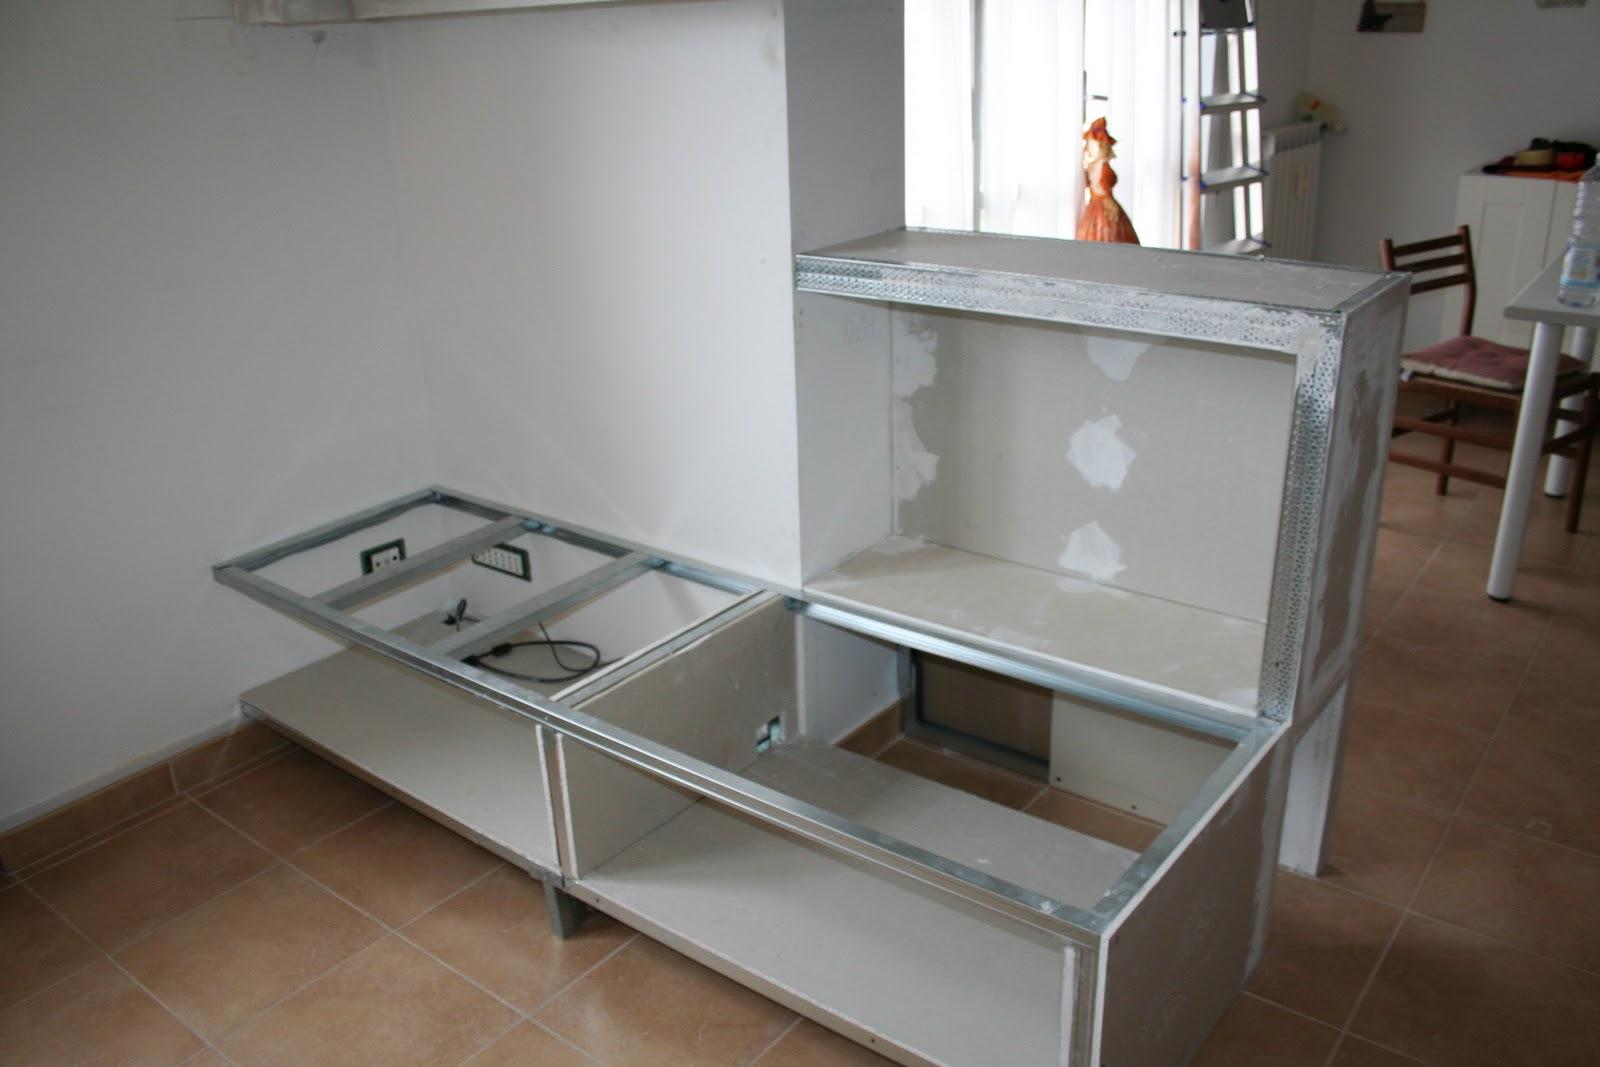 Best Come Costruire Una Cucina In Cartongesso Gallery - Home ...